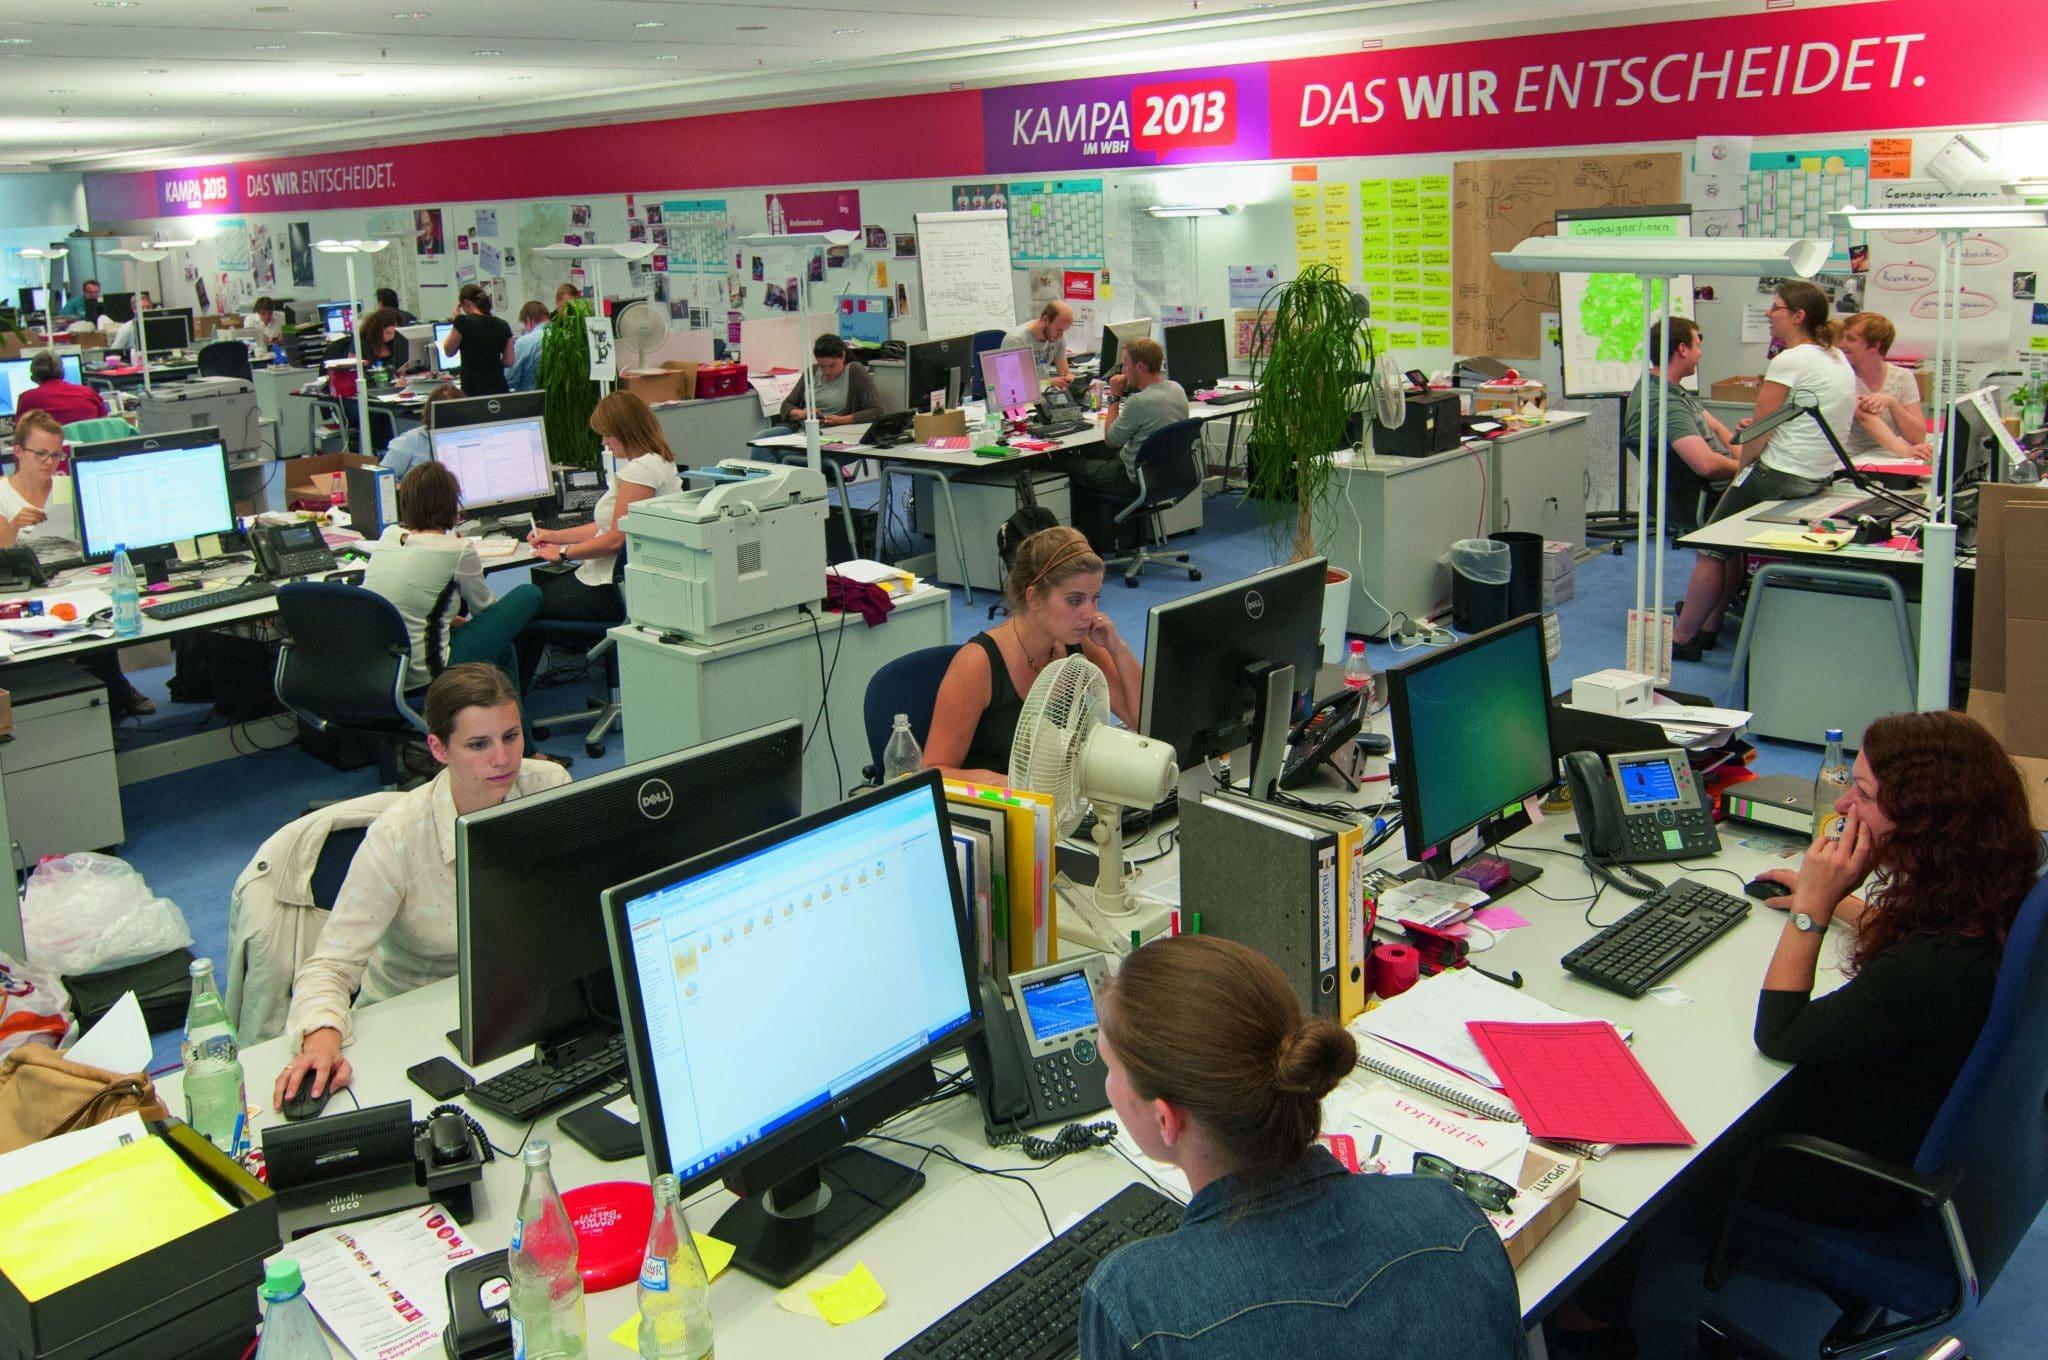 Kampa, das hat seit 1998 einen fast magischen Klang: Zwei Etagen, 80 Mitarbeiter, 23 Millionen Euro Budget, Fotos: Laurin Schmid